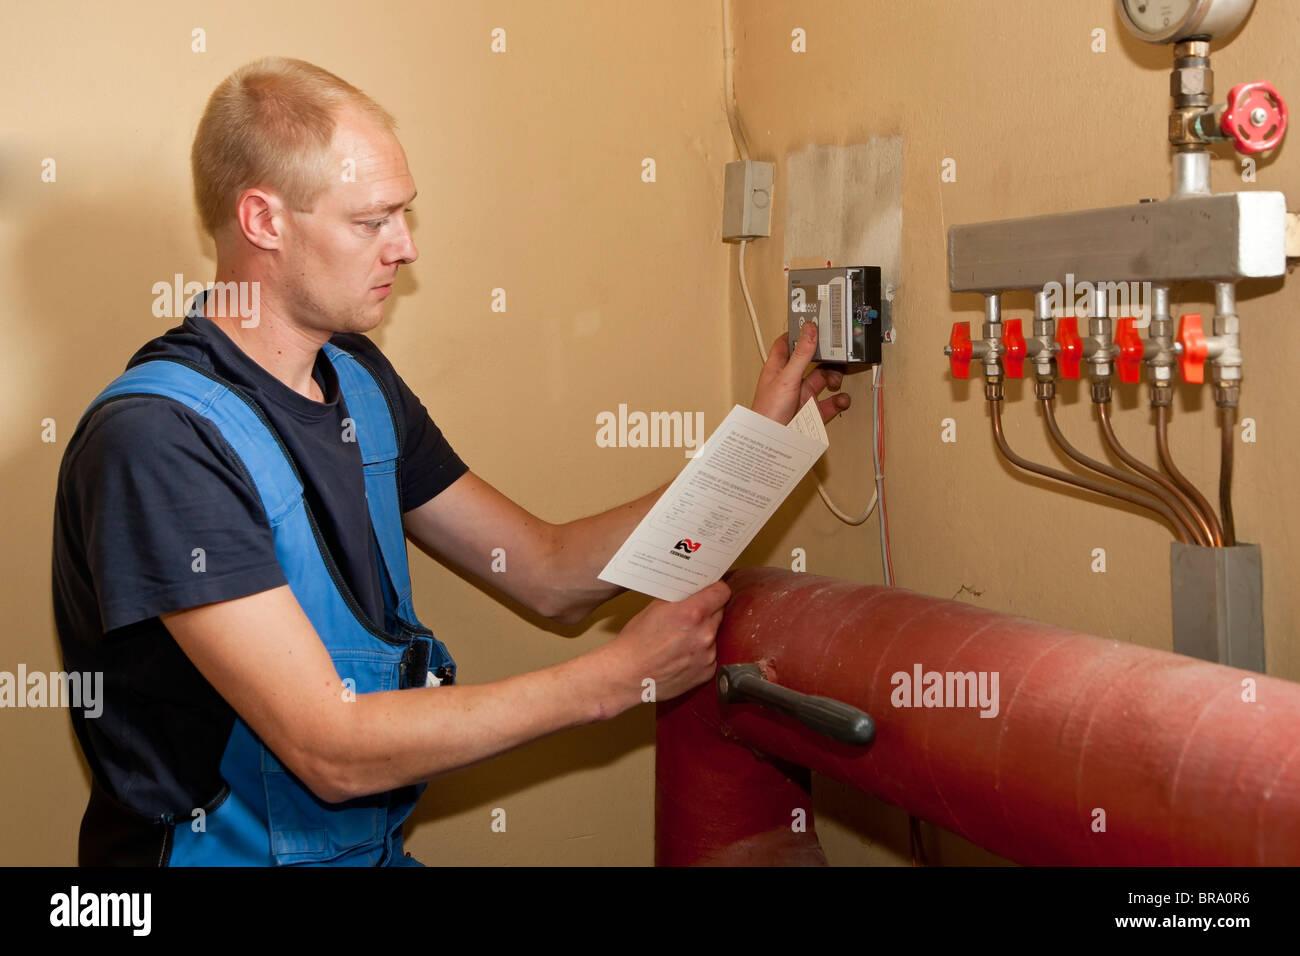 Heizungs- und Sanitär-Techniker testen und Einstellen der Heizungsregler Stockfoto